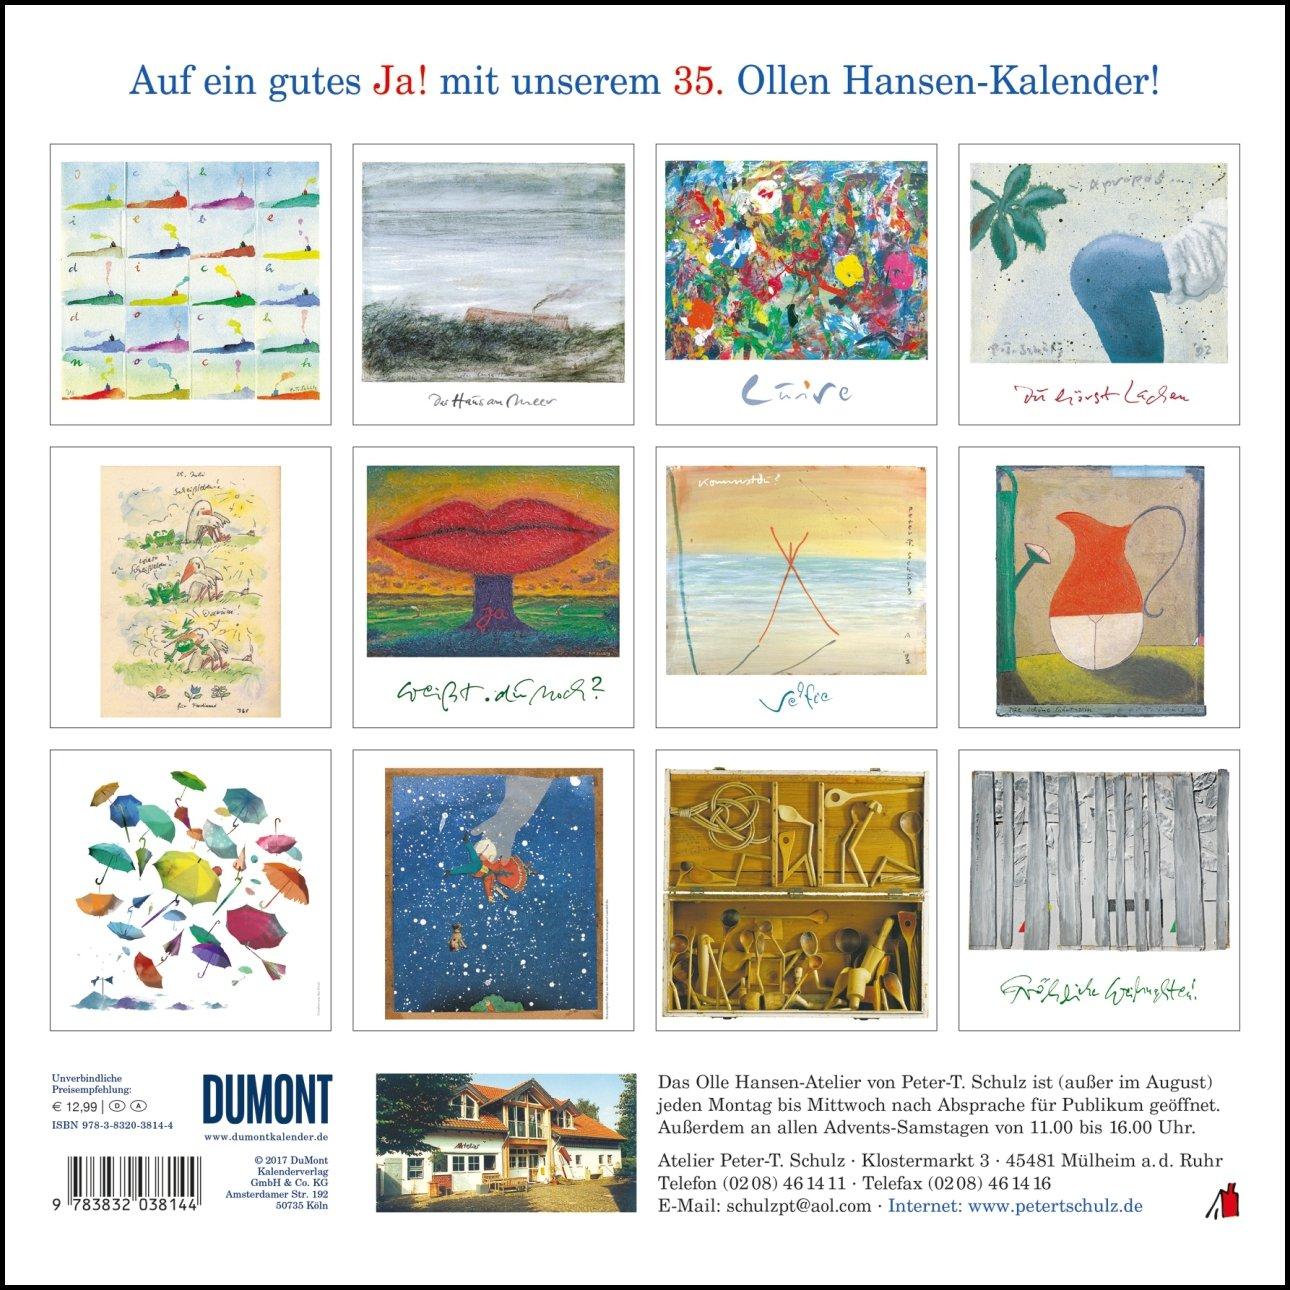 Der Olle Hansen 2018 9783832038144 Amazoncom Books